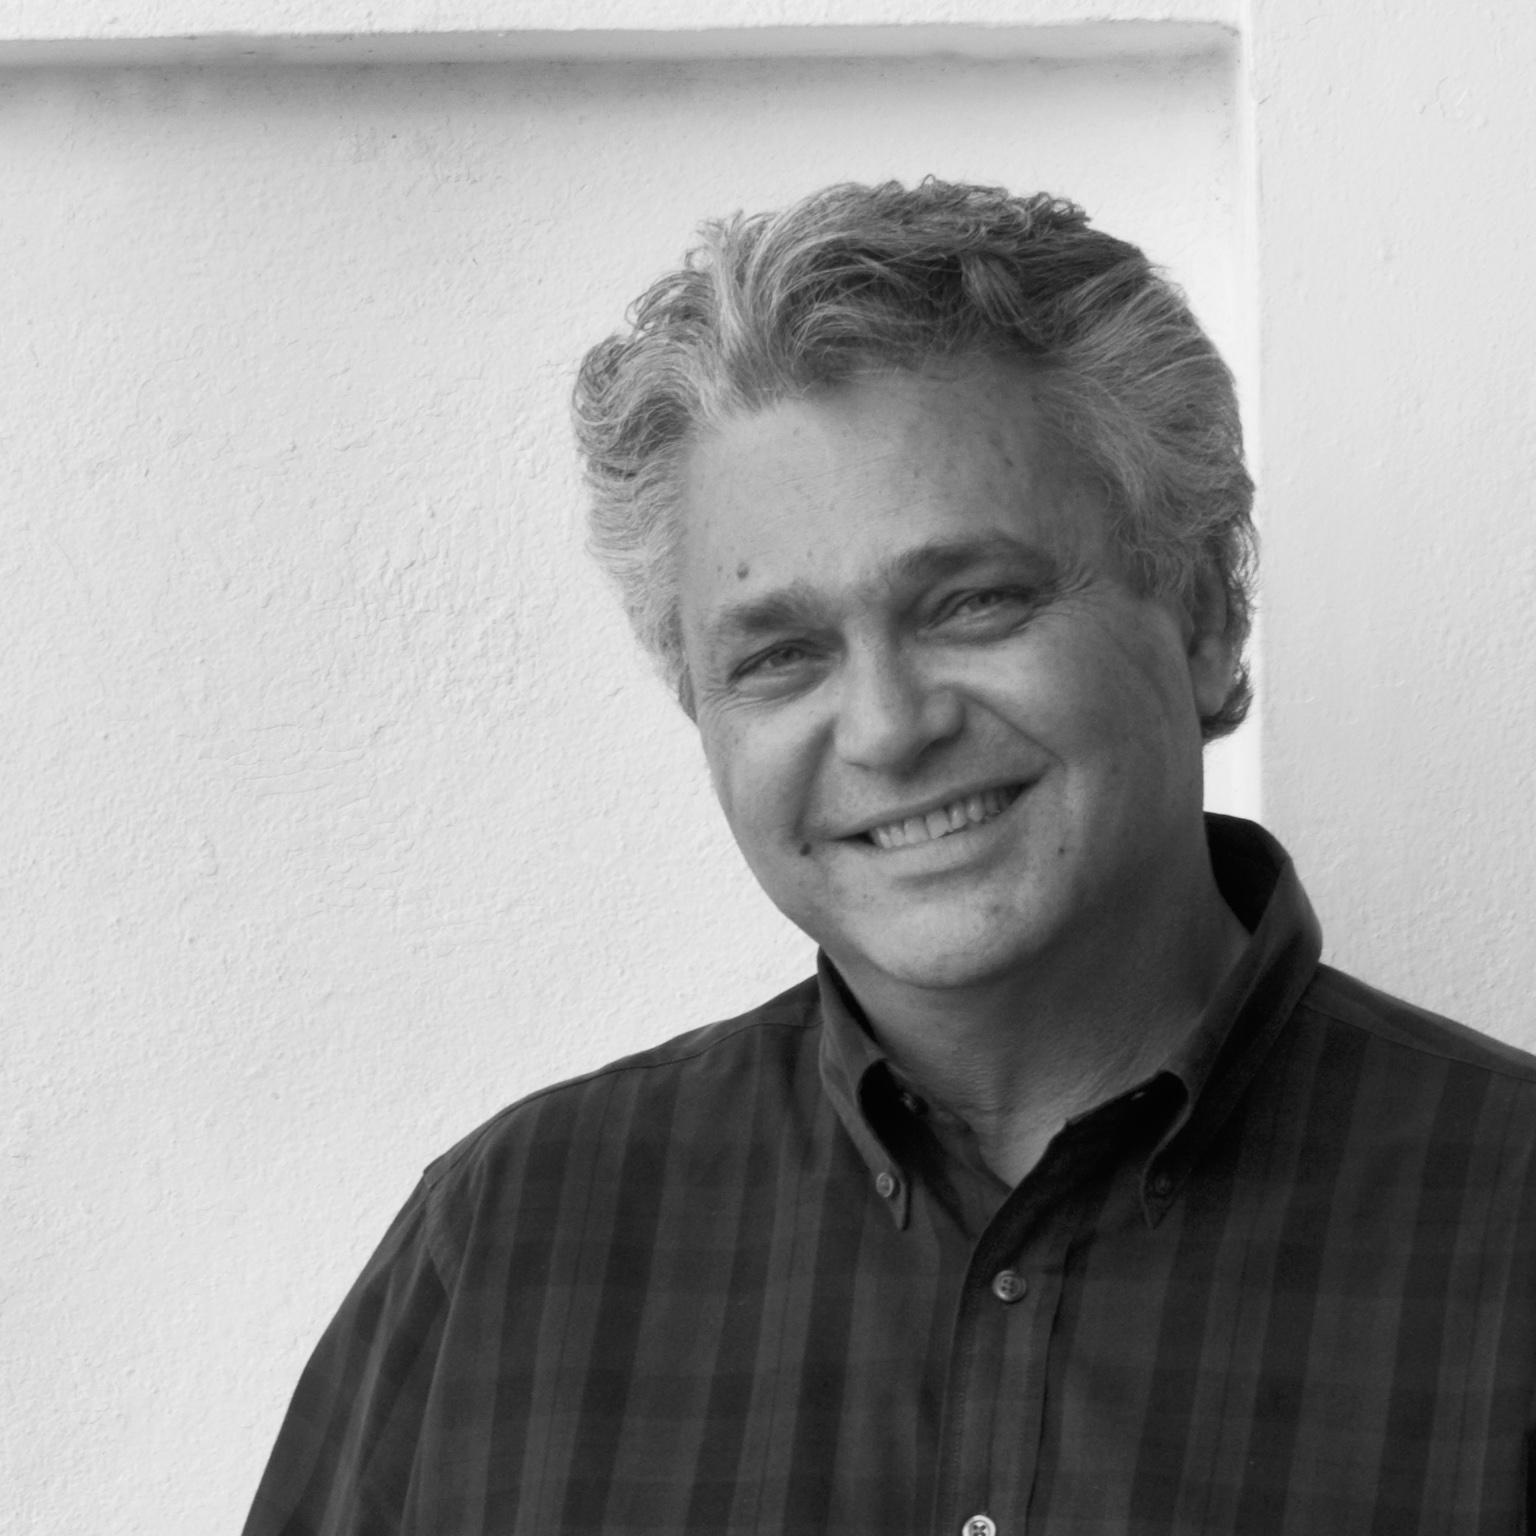 Entrevista com Pedro Paranaguá